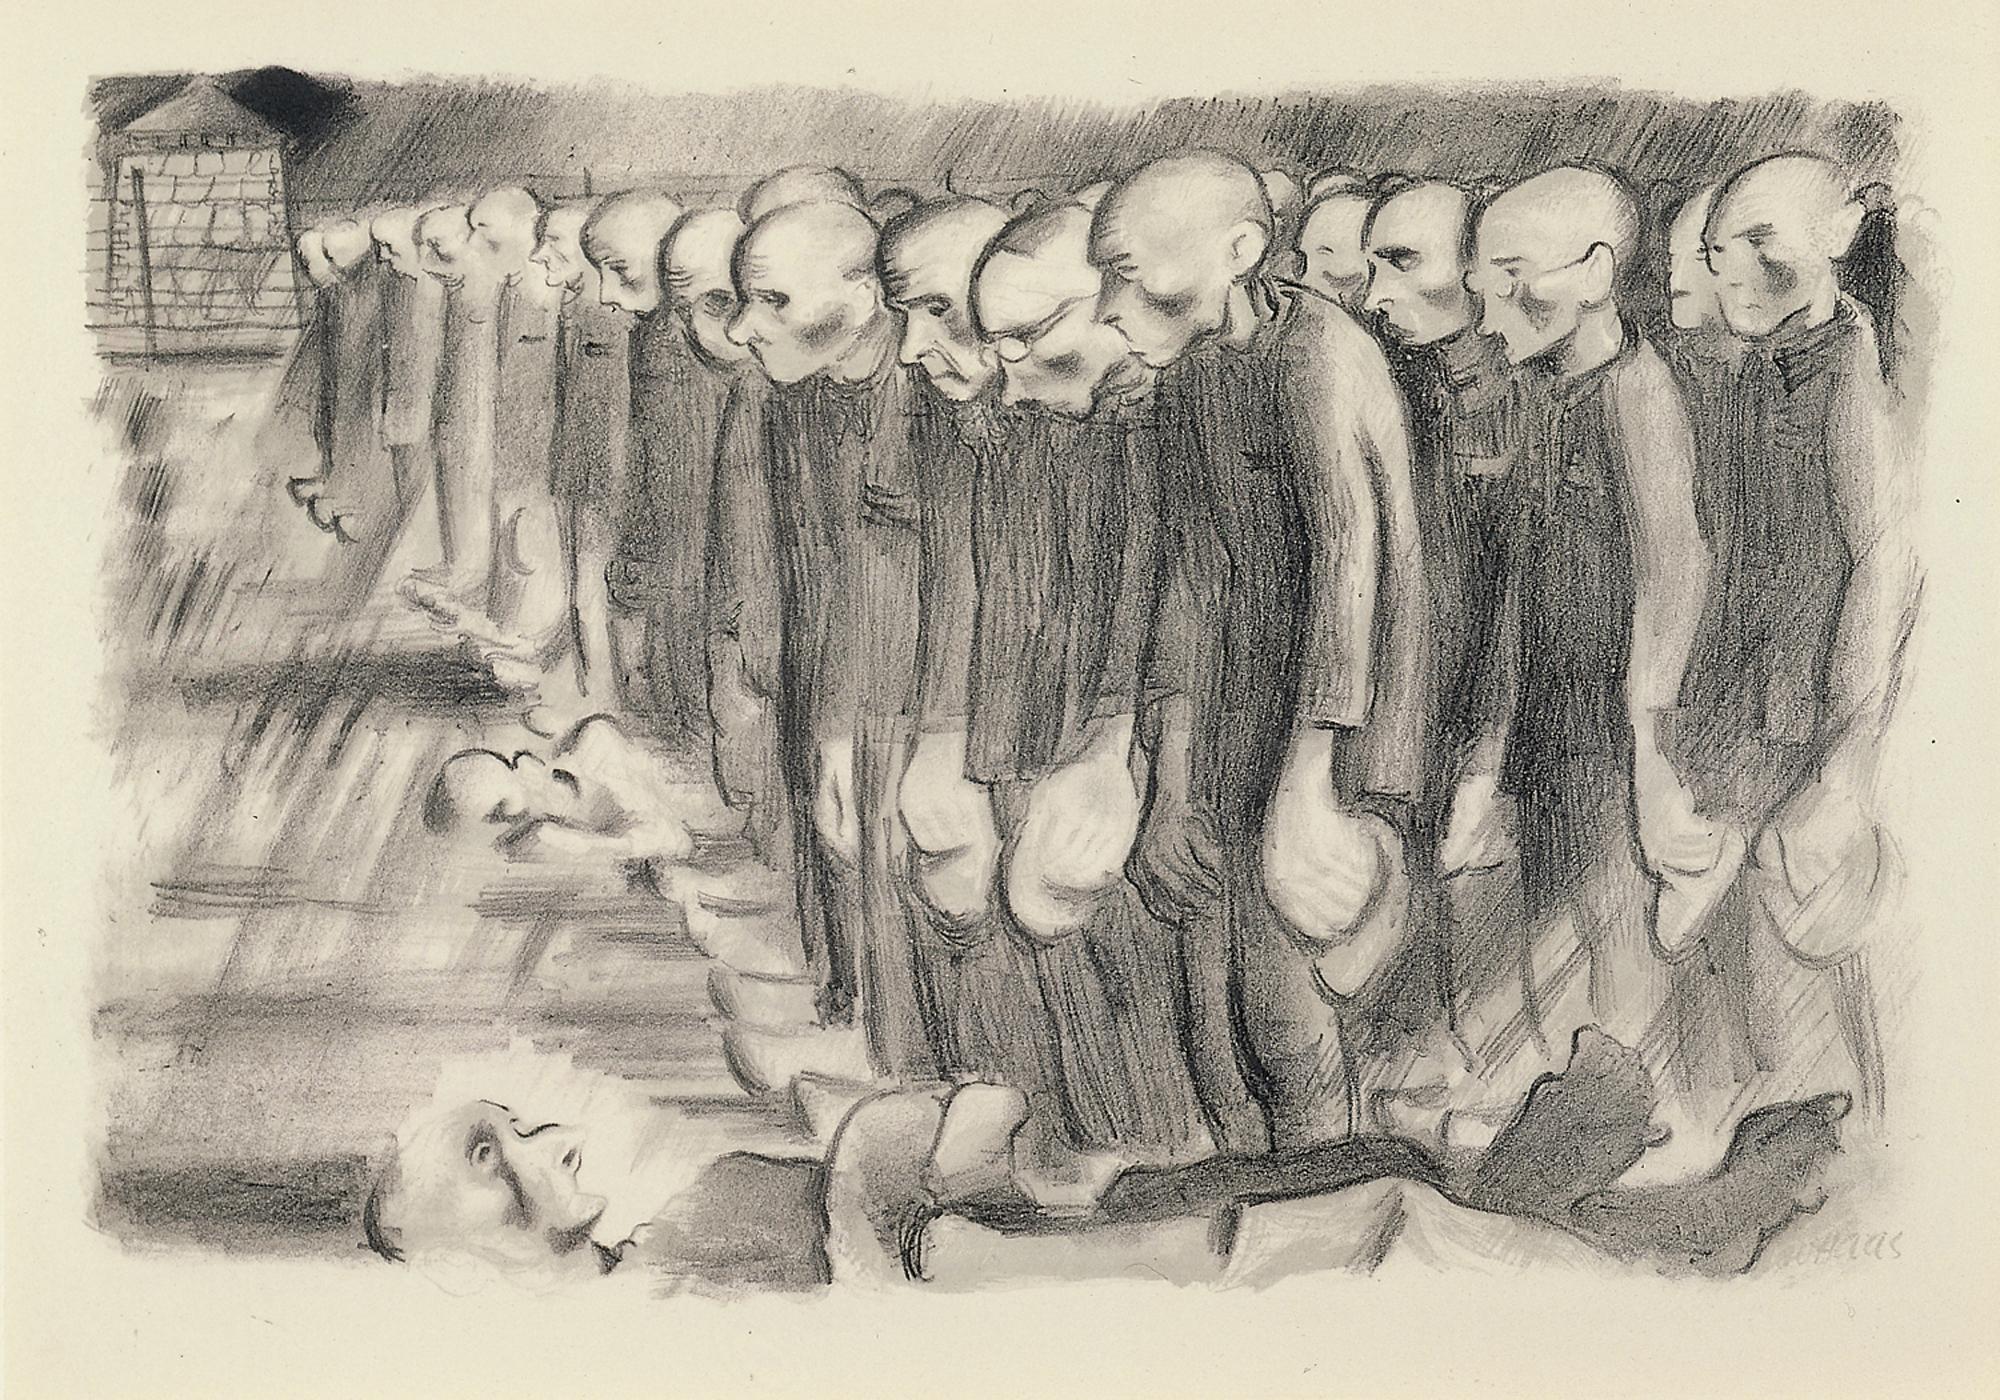 Leo Haas, litografia z serii Aus deutschen Konzentrationslagern, opublikowane w 1947 według rysunków z 1944, litografia z drukiem tonalnym (zdjęcie pochodzi z materiałów prasowych)